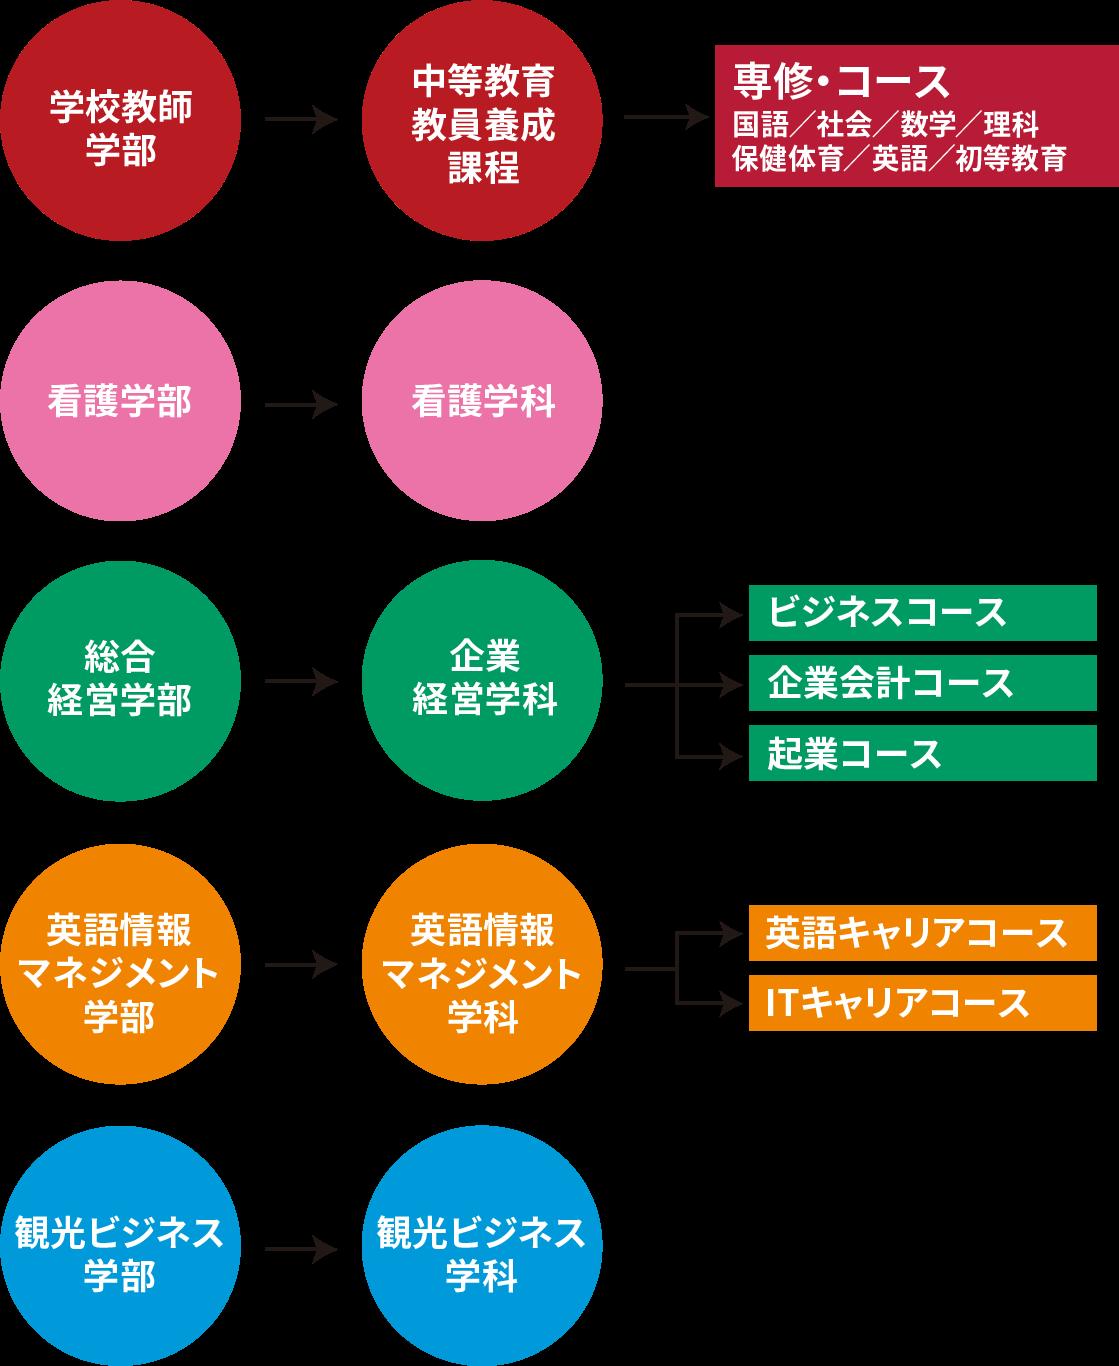 秀明大学の学部・学科・コースの概略図です。